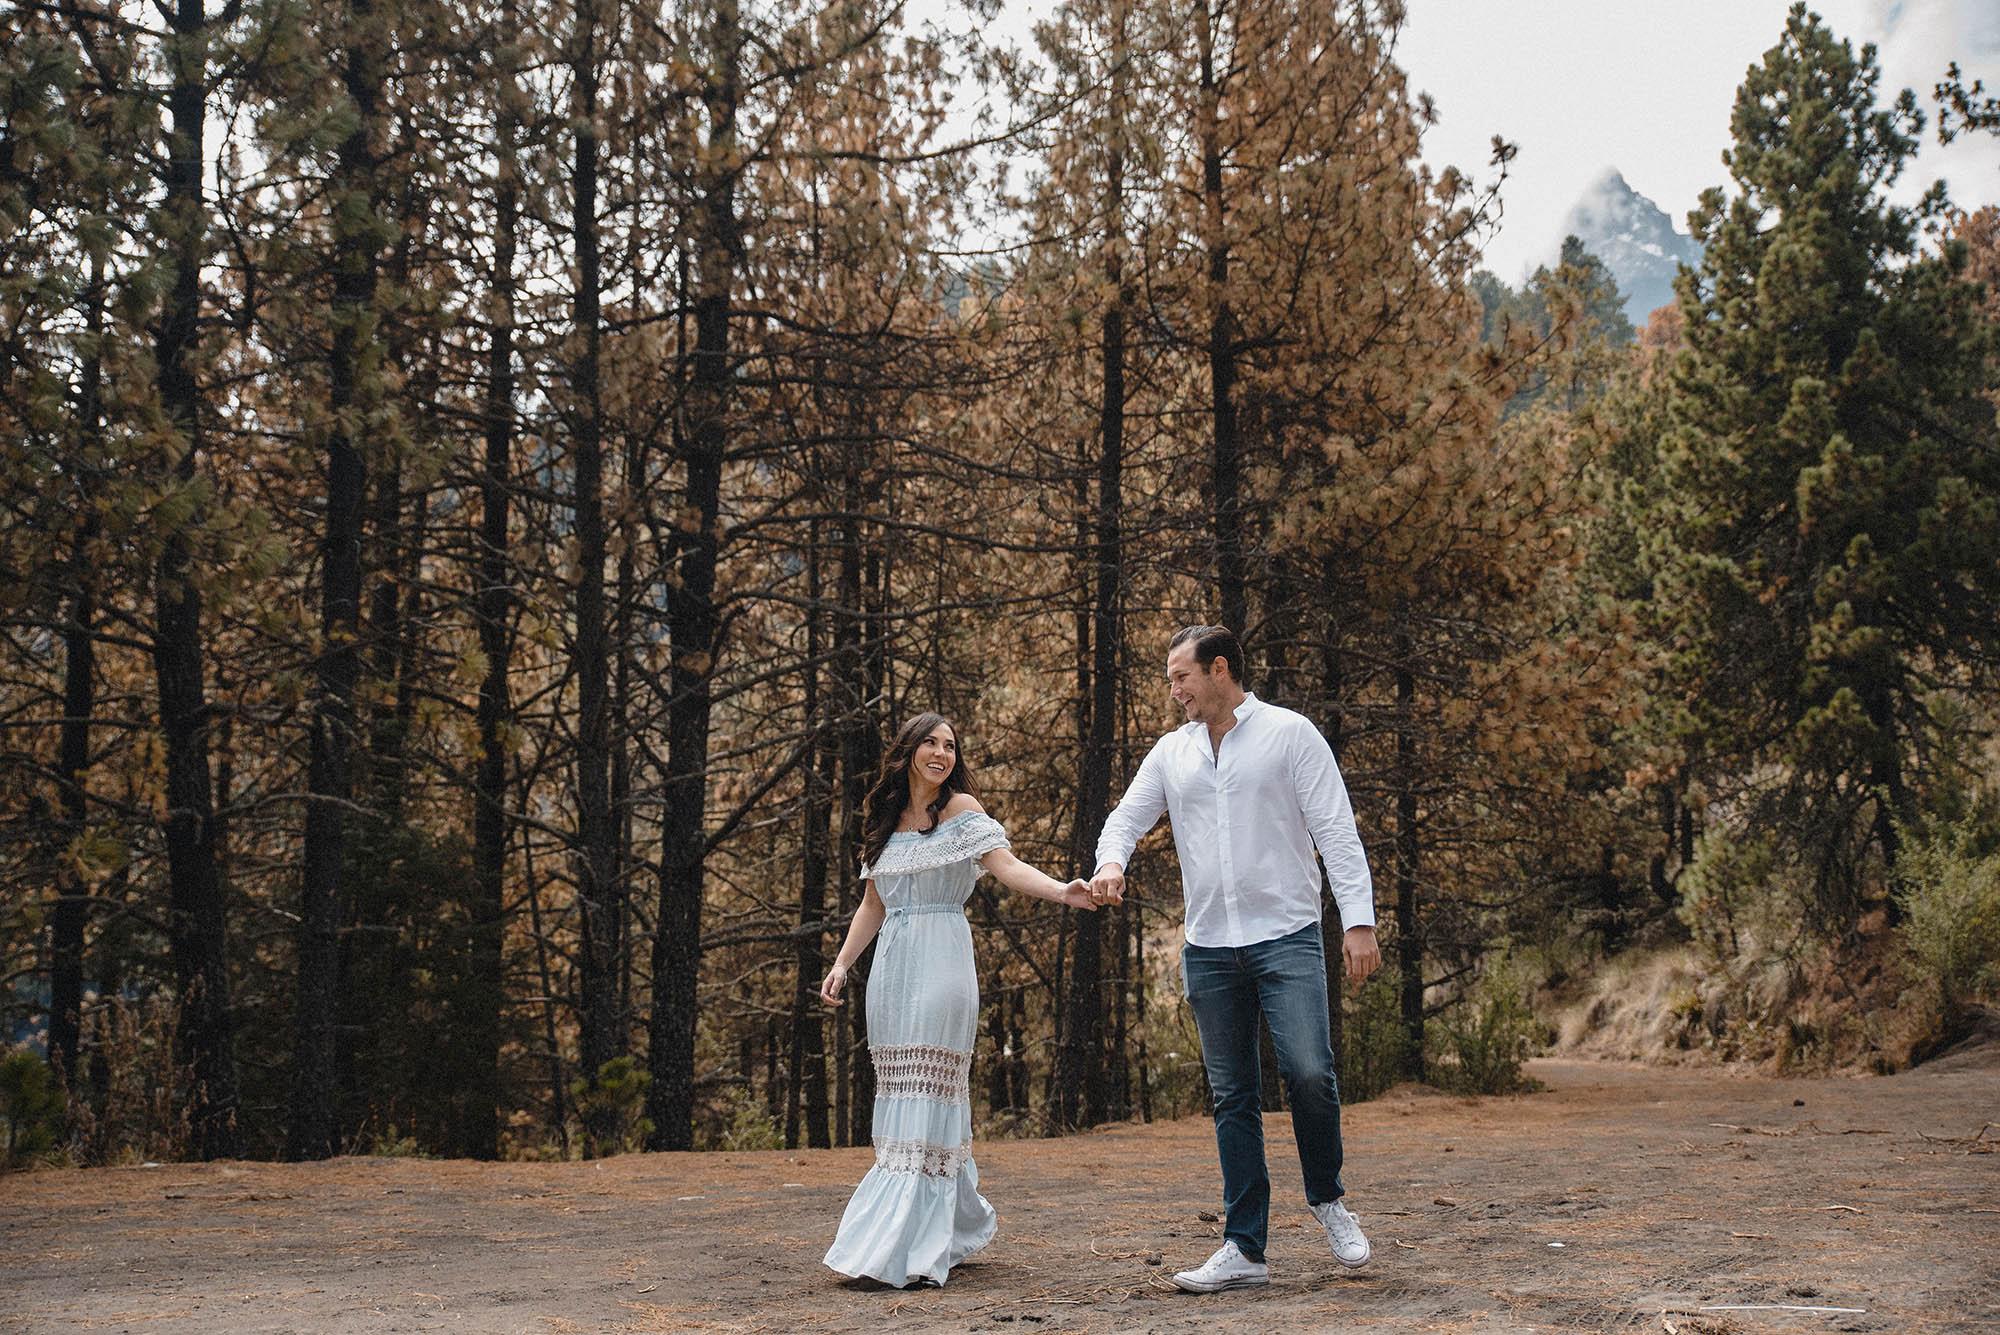 Bosque destino sesion fotos bodas wedding photo Fotografo Magali02-WEB.jpg